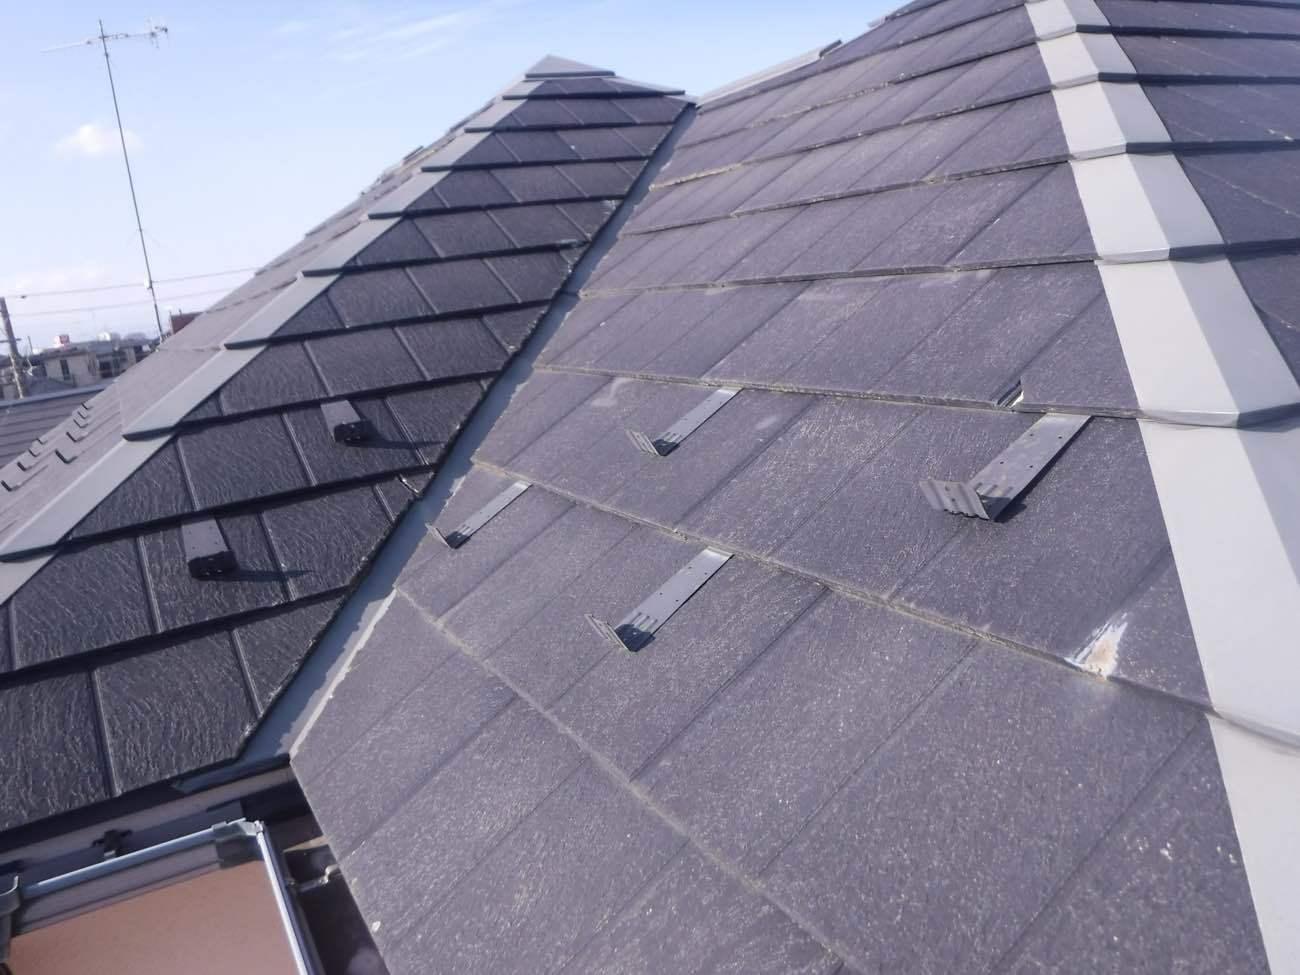 施工前屋根 変色、割れなどの劣化あり